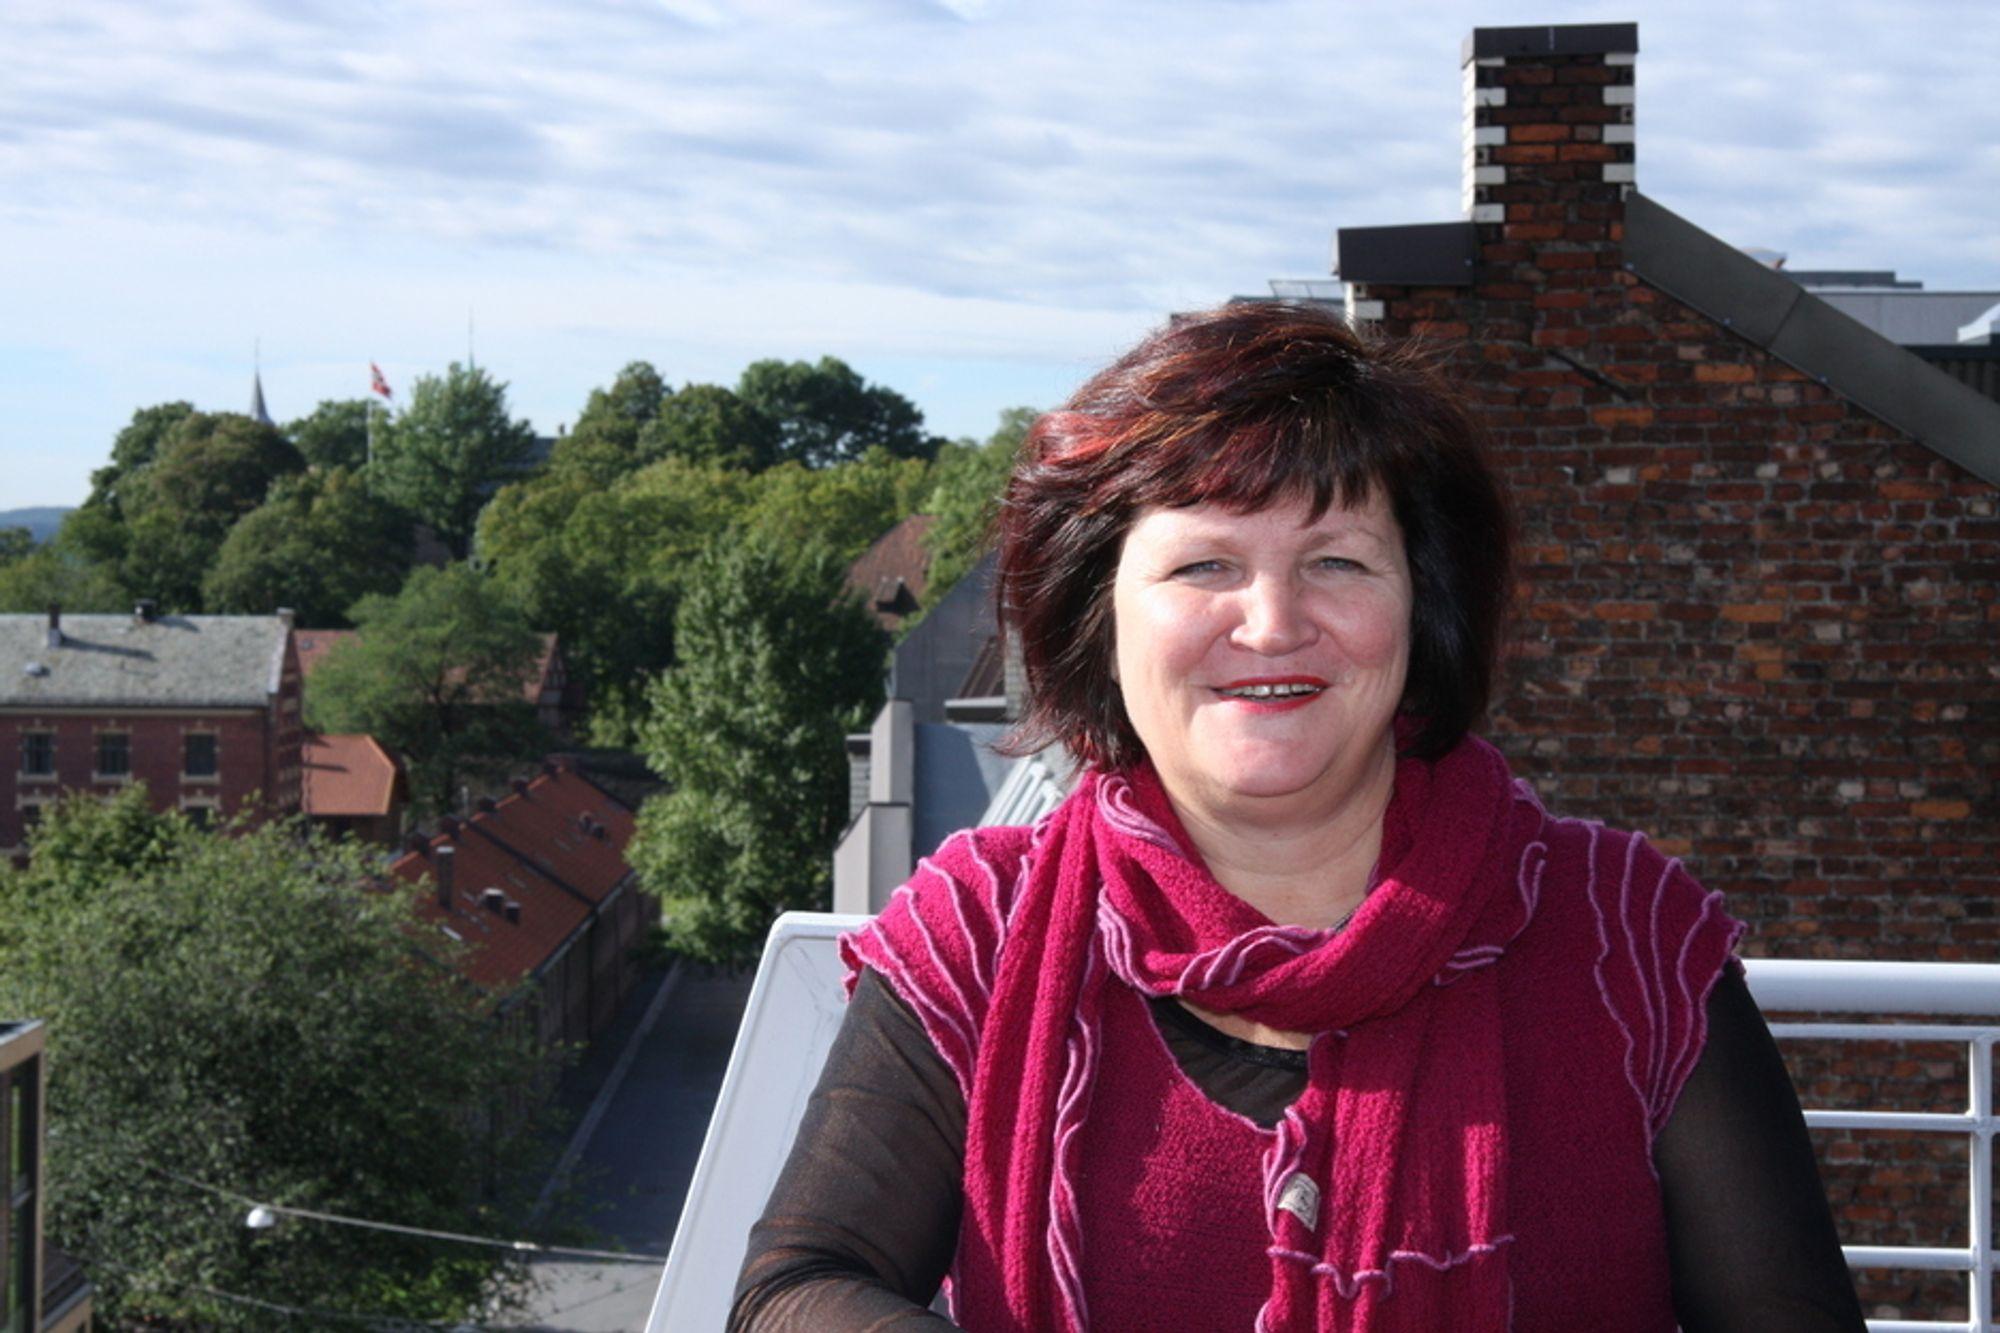 BEGGE DELER: - Det å sette distriktene opp mot det internasjonale fungerer ikke, sier direktør Gunn Ovesen i Innovasjon Norge. Hun mener det er mulig å øke Norges innovasjonsevne og eksport samtidig som man tar vare på og utvikler distriktene.